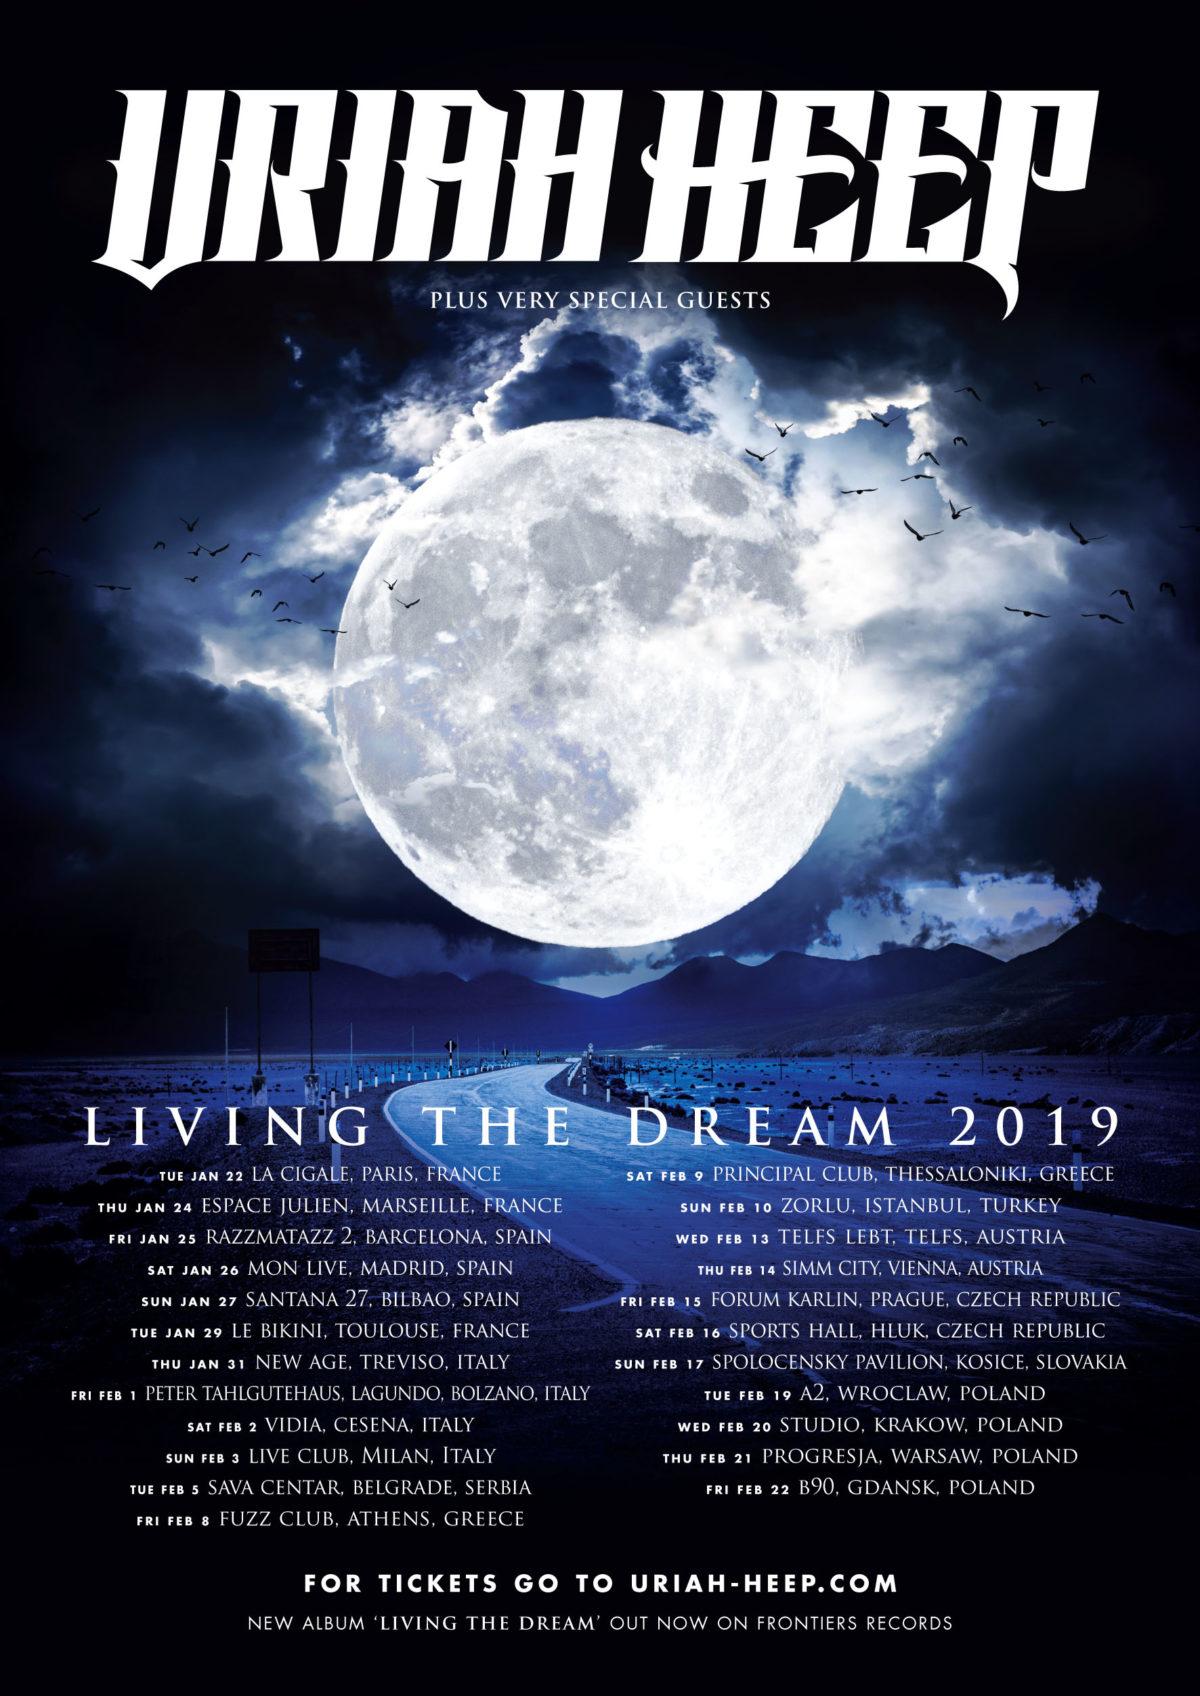 Επιστρέφουν για δύο συναυλίες οι Uriah Heep